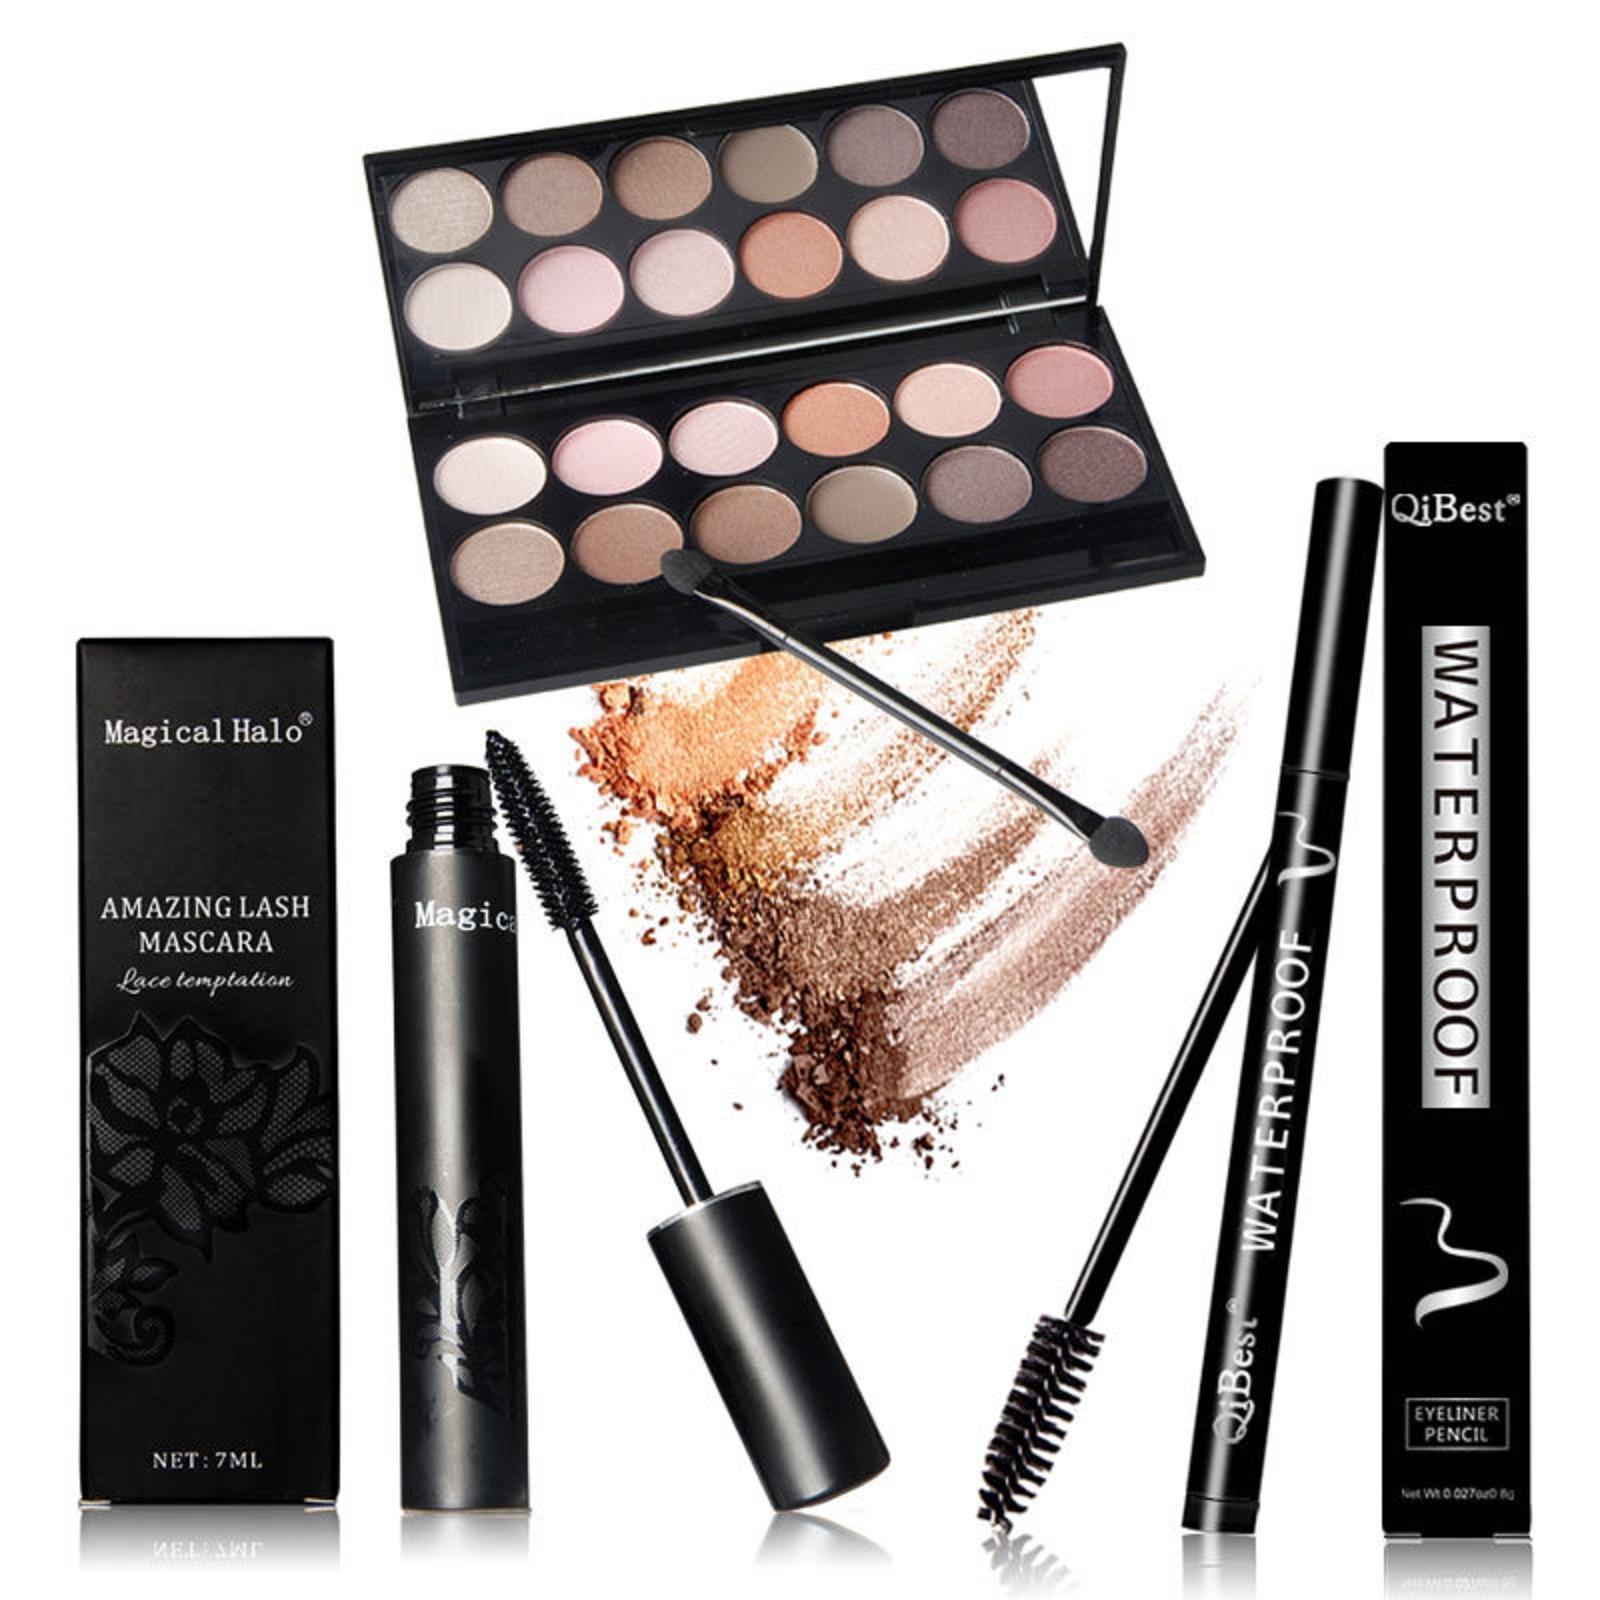 Eyes Makeup Set Mascara + Eyeliner + Eyeshadow +12PCS Eyelash Makeup Brush